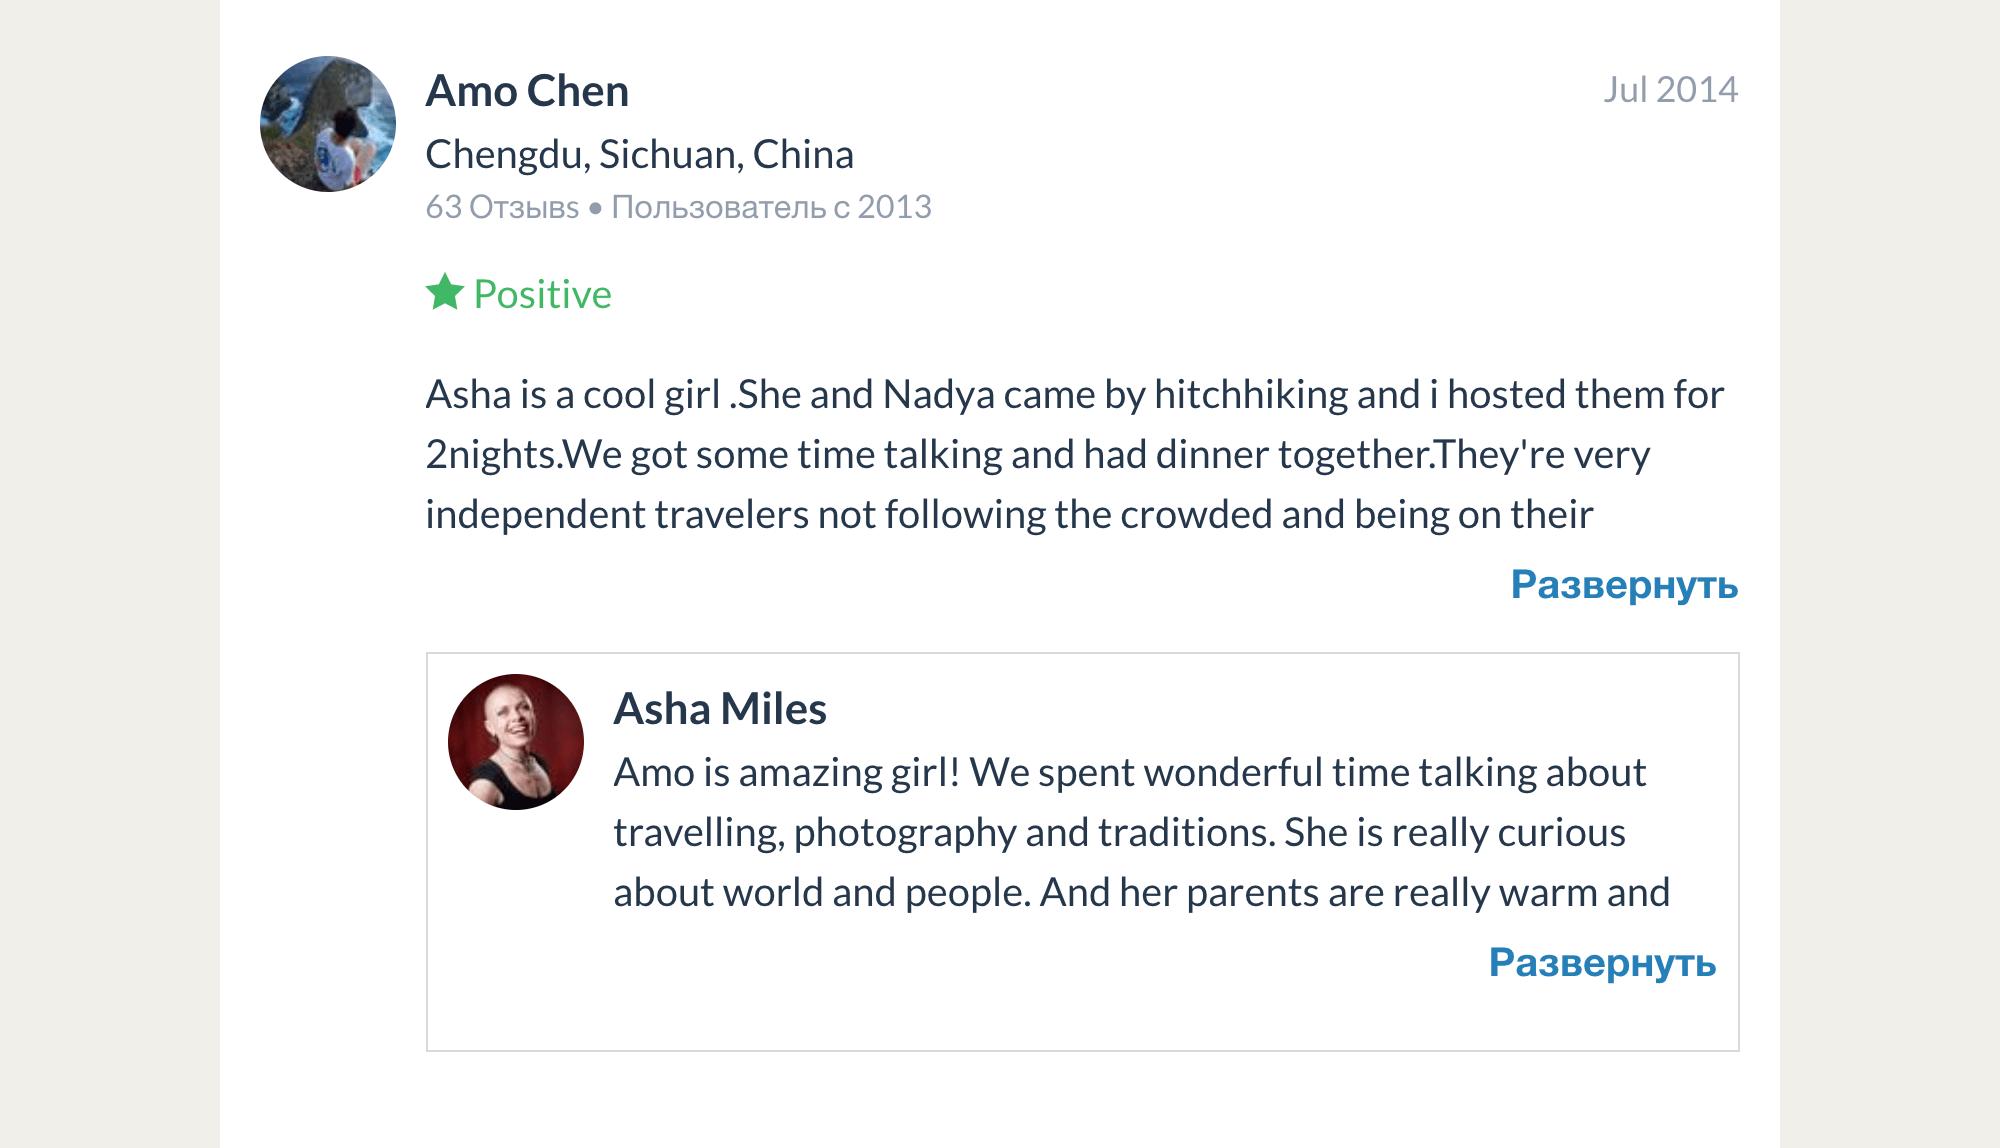 Хосты тоже оставляют отзывы о своих гостях. Такой отзыв оставила мне наш хост в Китае. Амо пишет, что ей понравились мои рисунки и фотографии